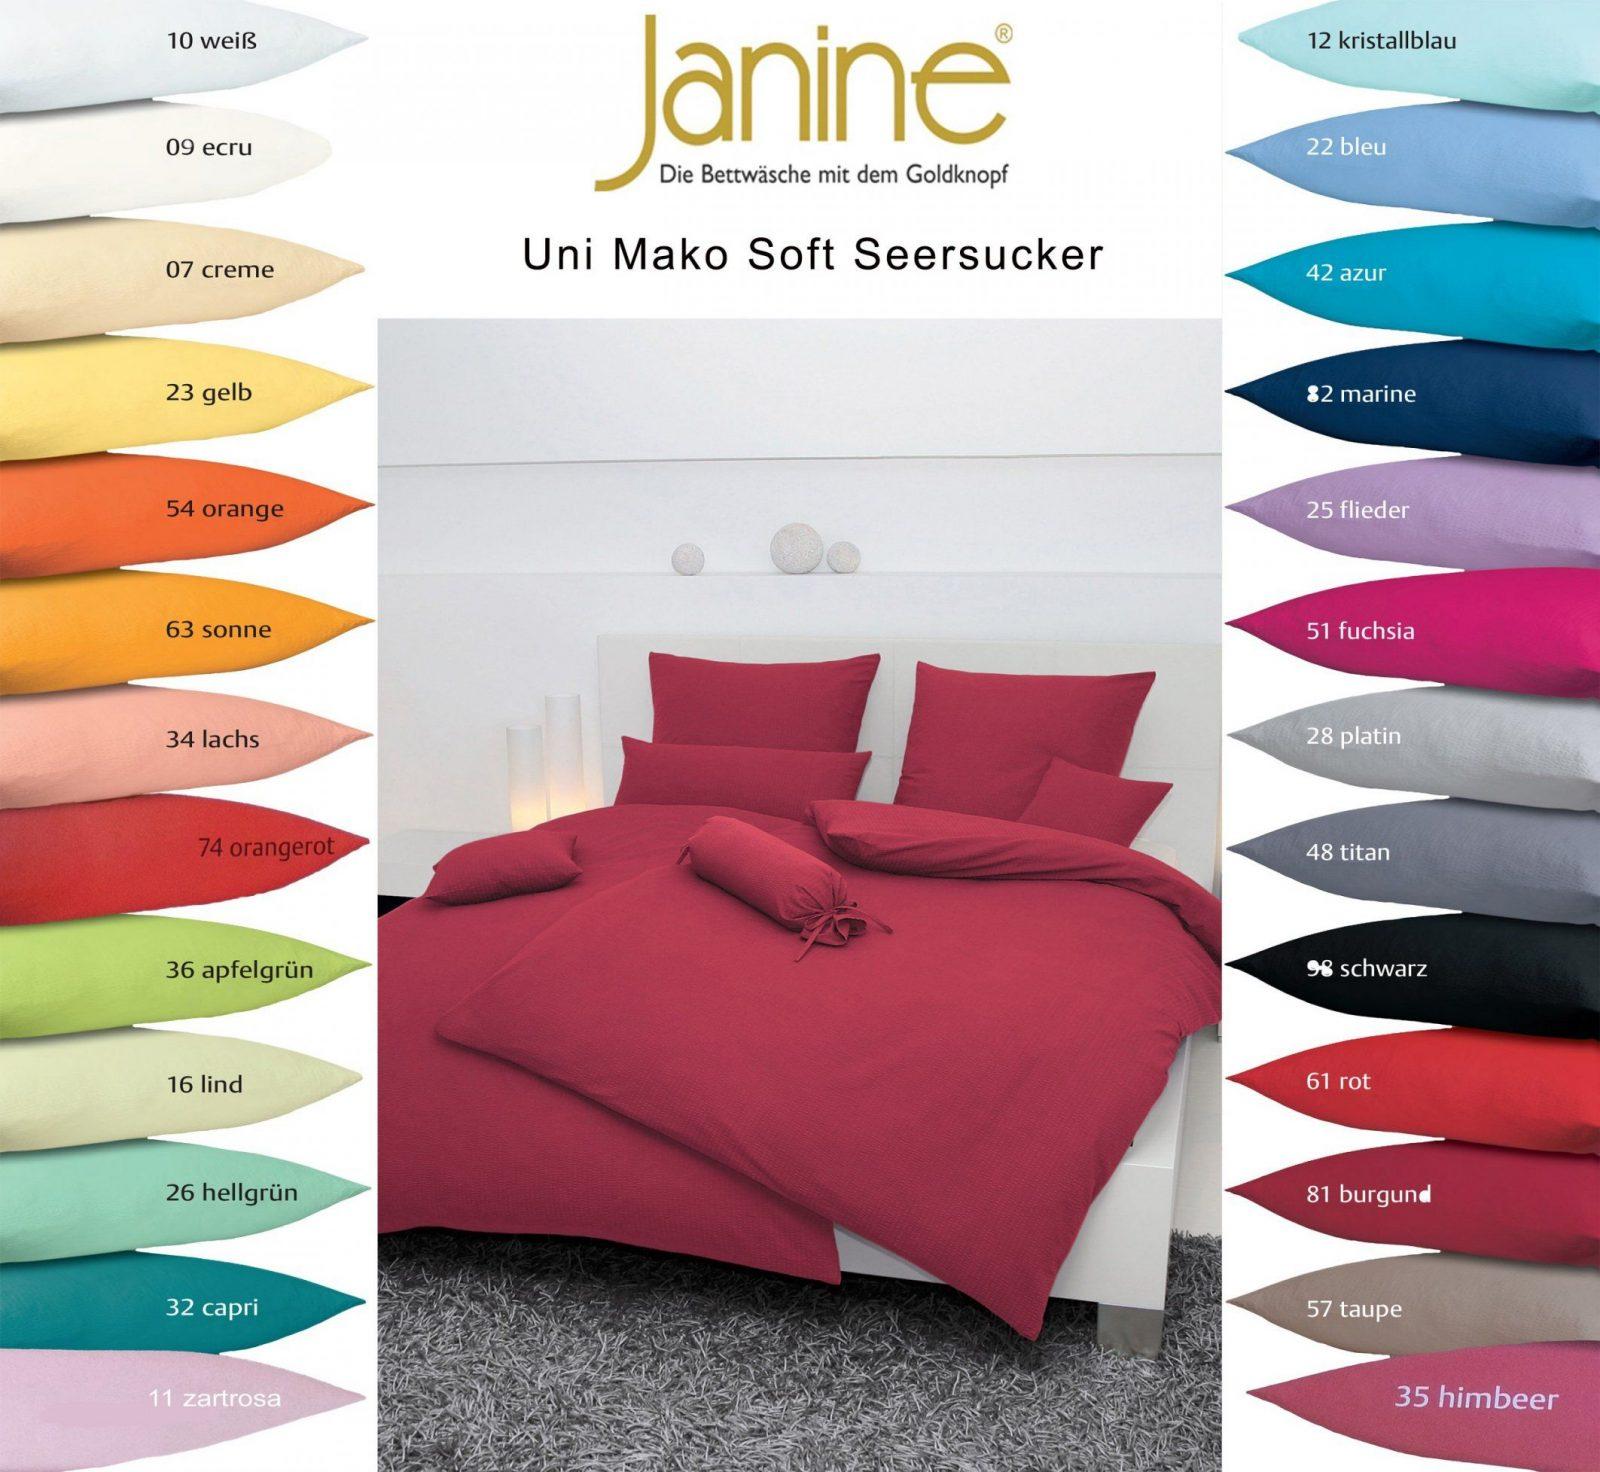 Janine Uni Mako Soft Seersucker Bettwäsche 135X200 155X200 155X220 von Seersucker Bettwäsche 155X200 Photo